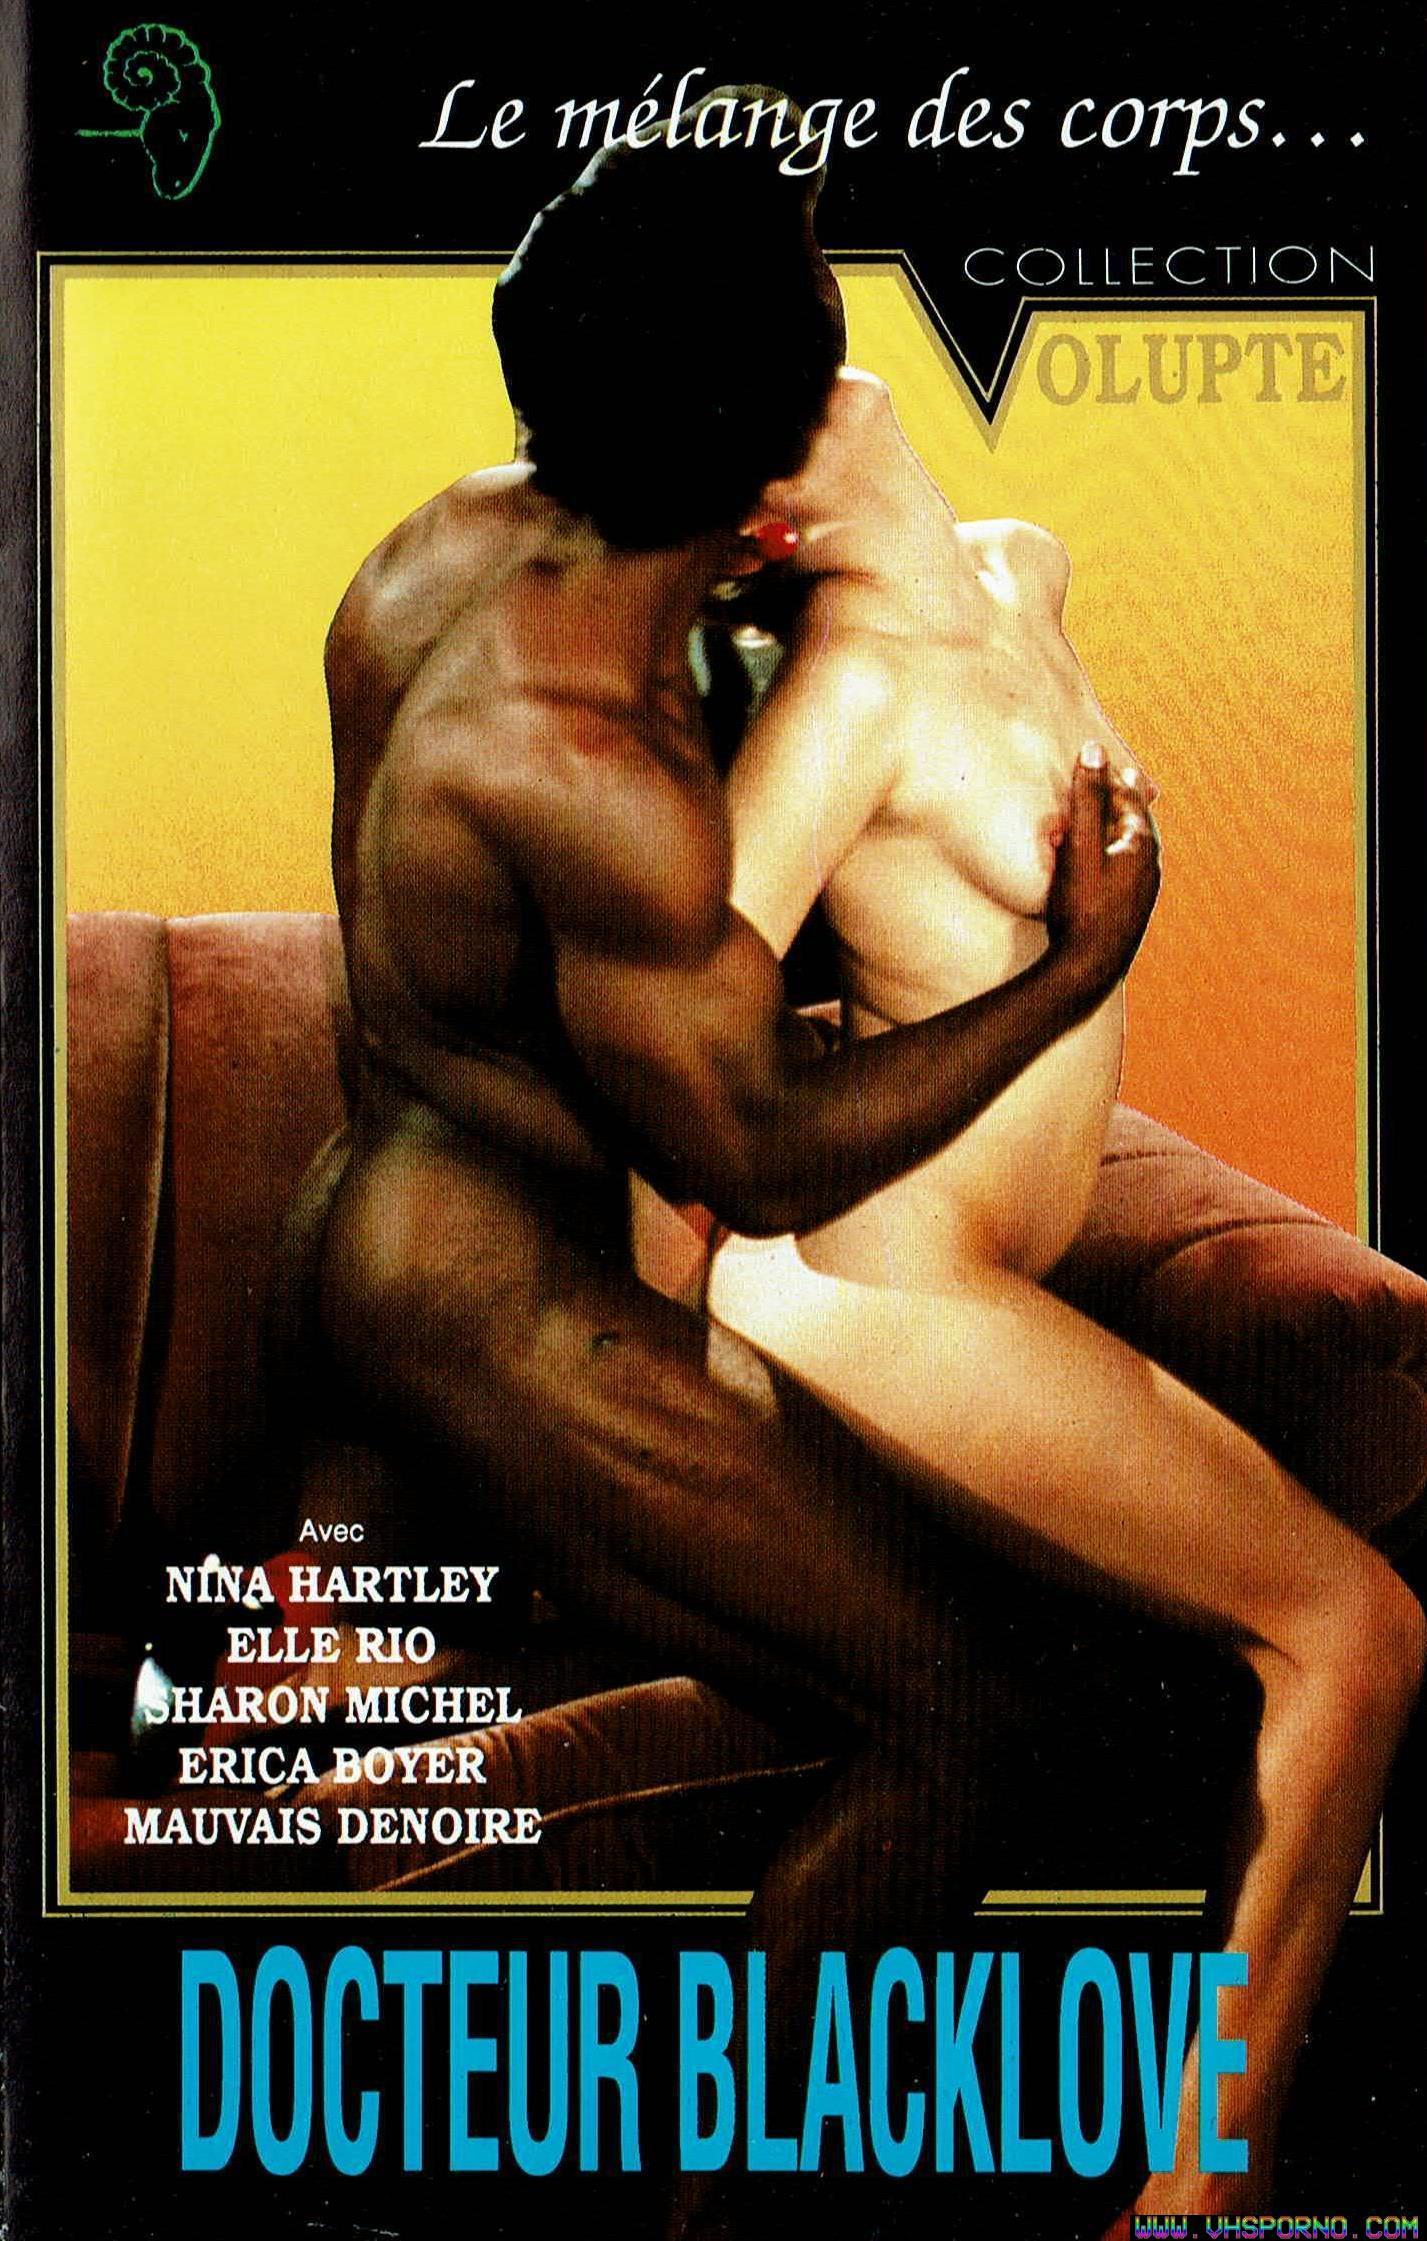 Pochette de Docteur Blacklove sur VHS Porno • Chronique de la VHS de 1986